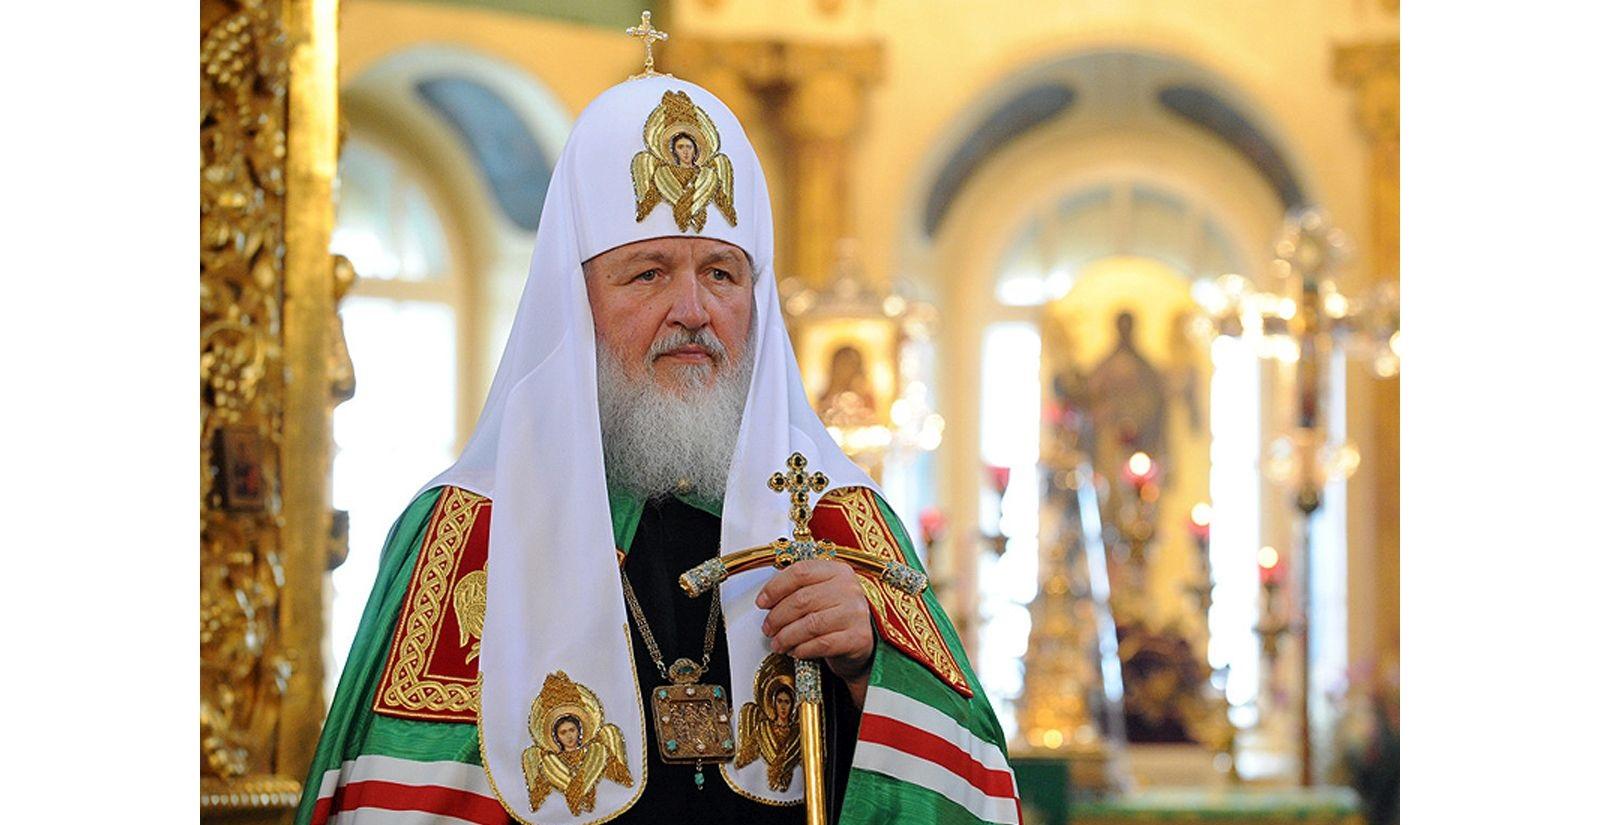 Патриарх Кирилл выступил с обращением по случаю празднования Дня православной молодежи